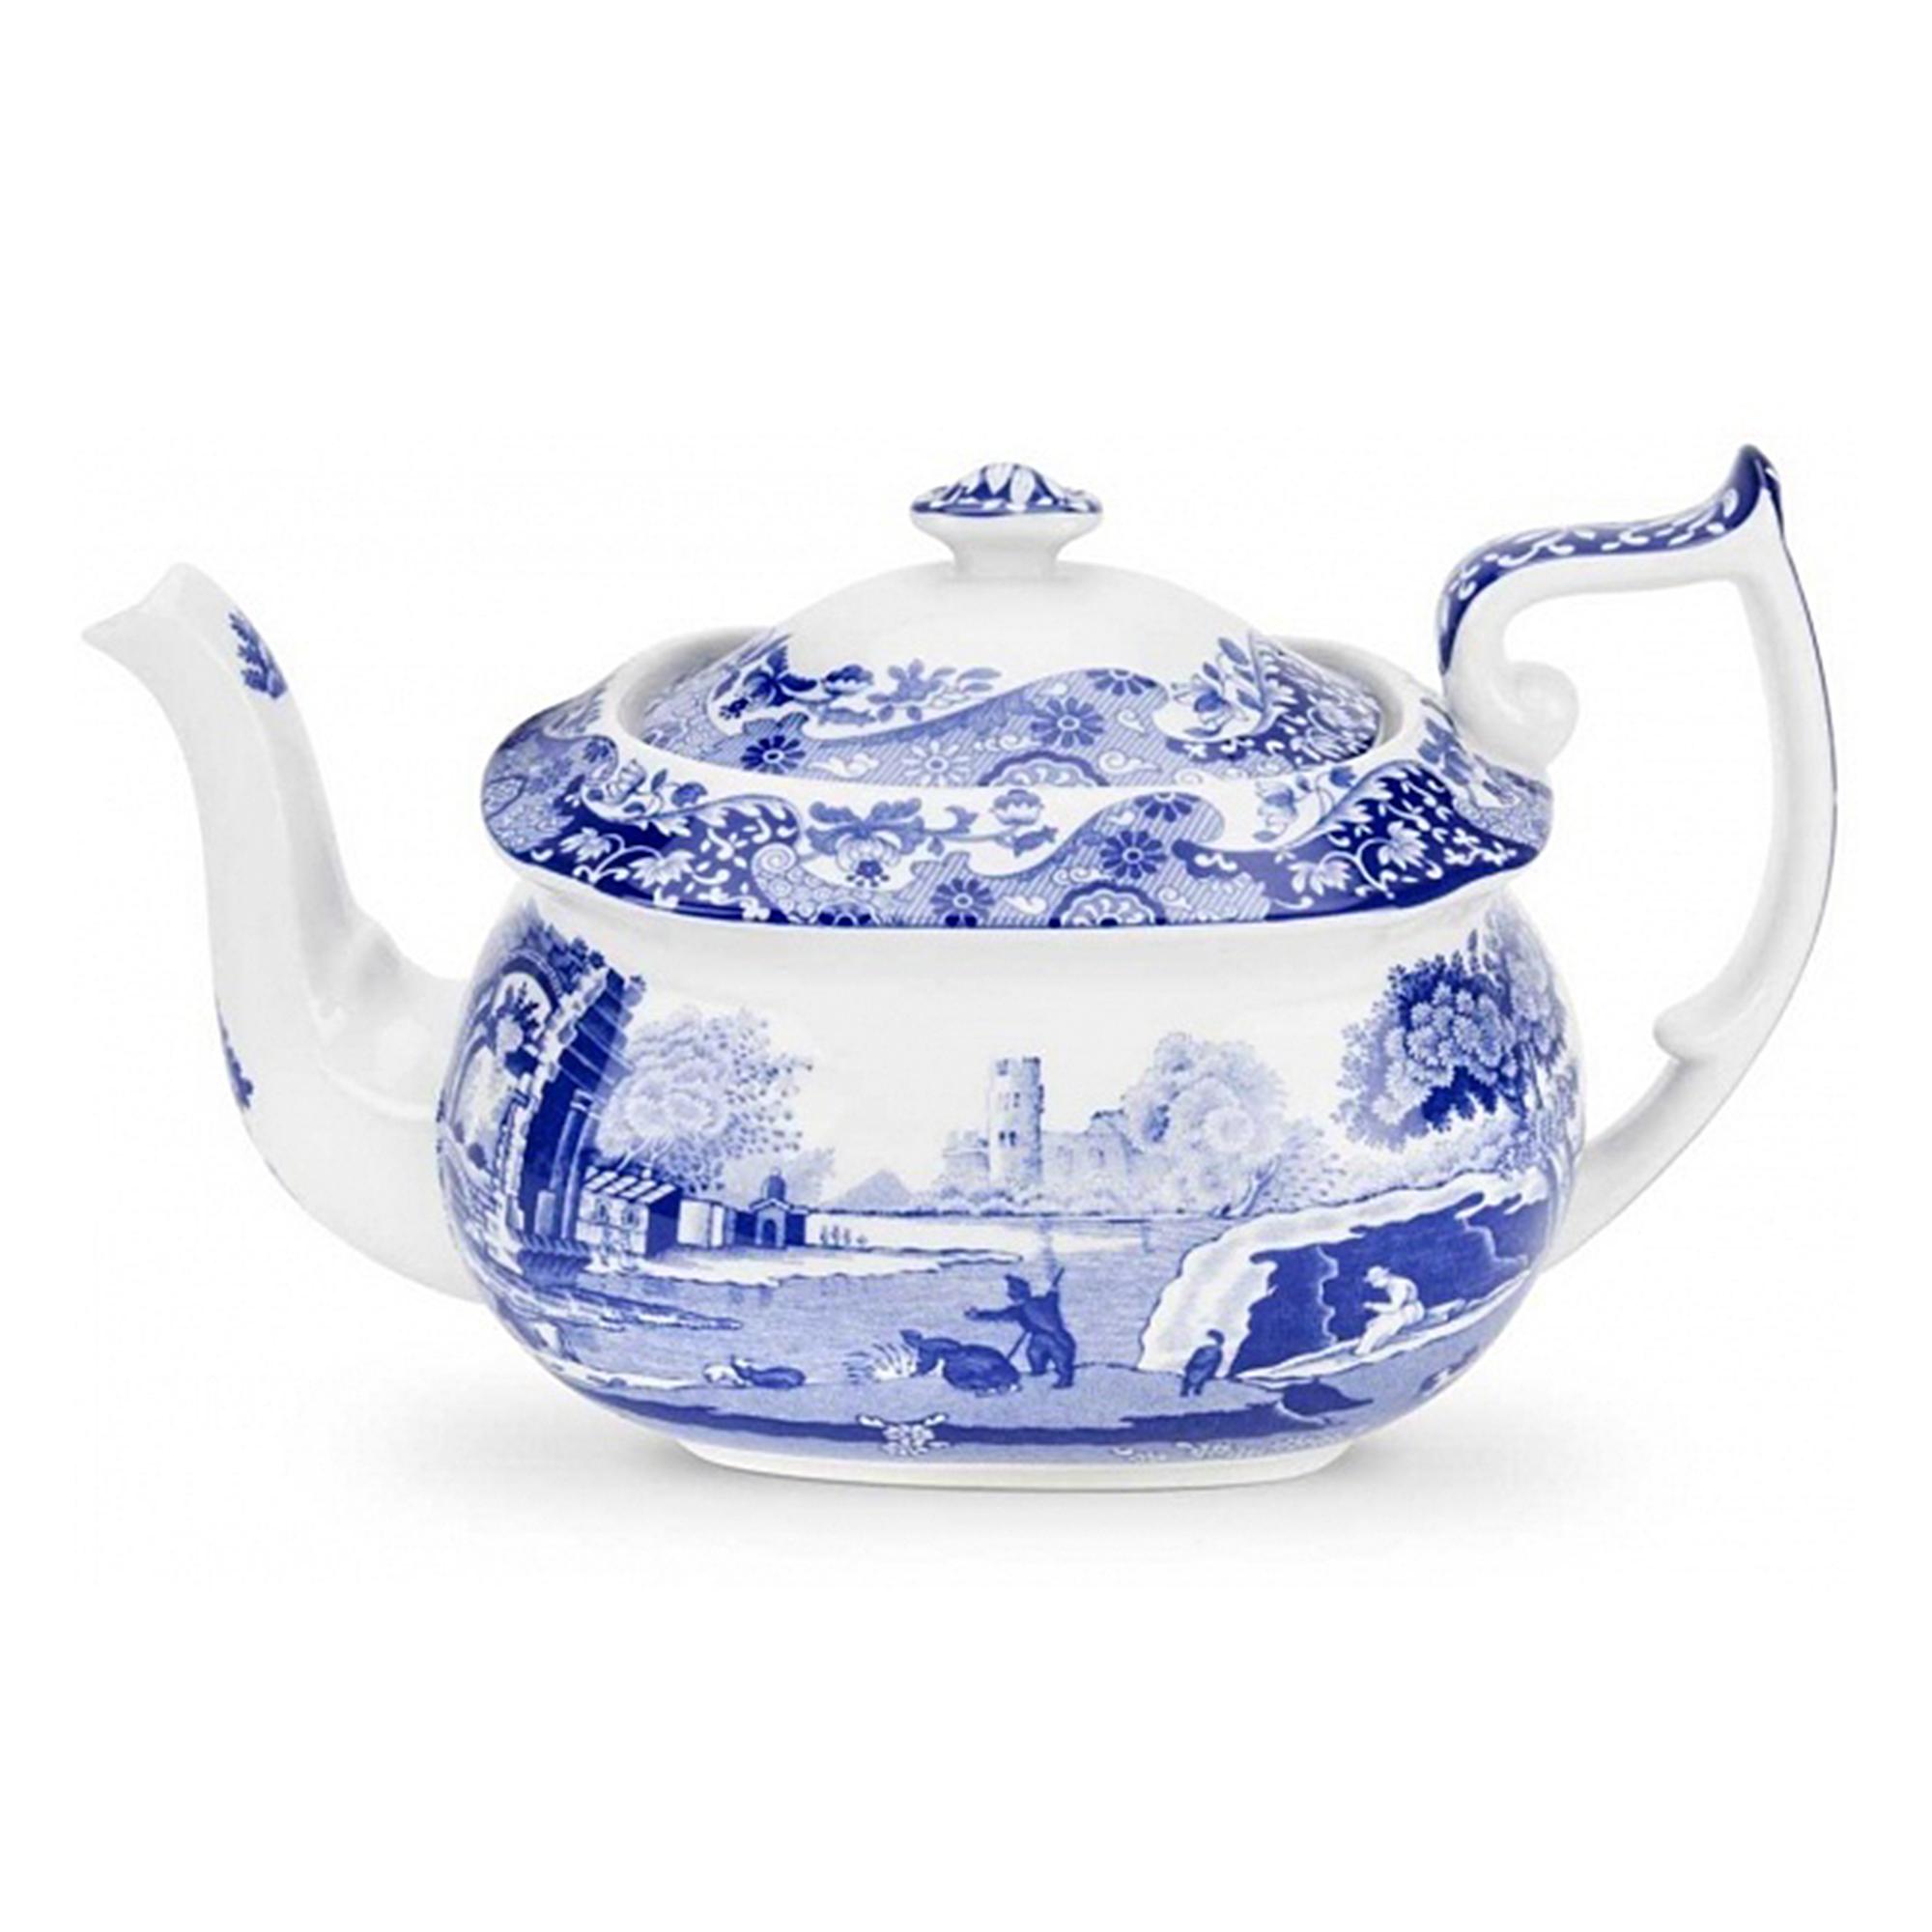 Чайник заварочный Spode Голубая Италия 1,1 л чайник заварочный spode английские охотничьи мотивы 1 3 л